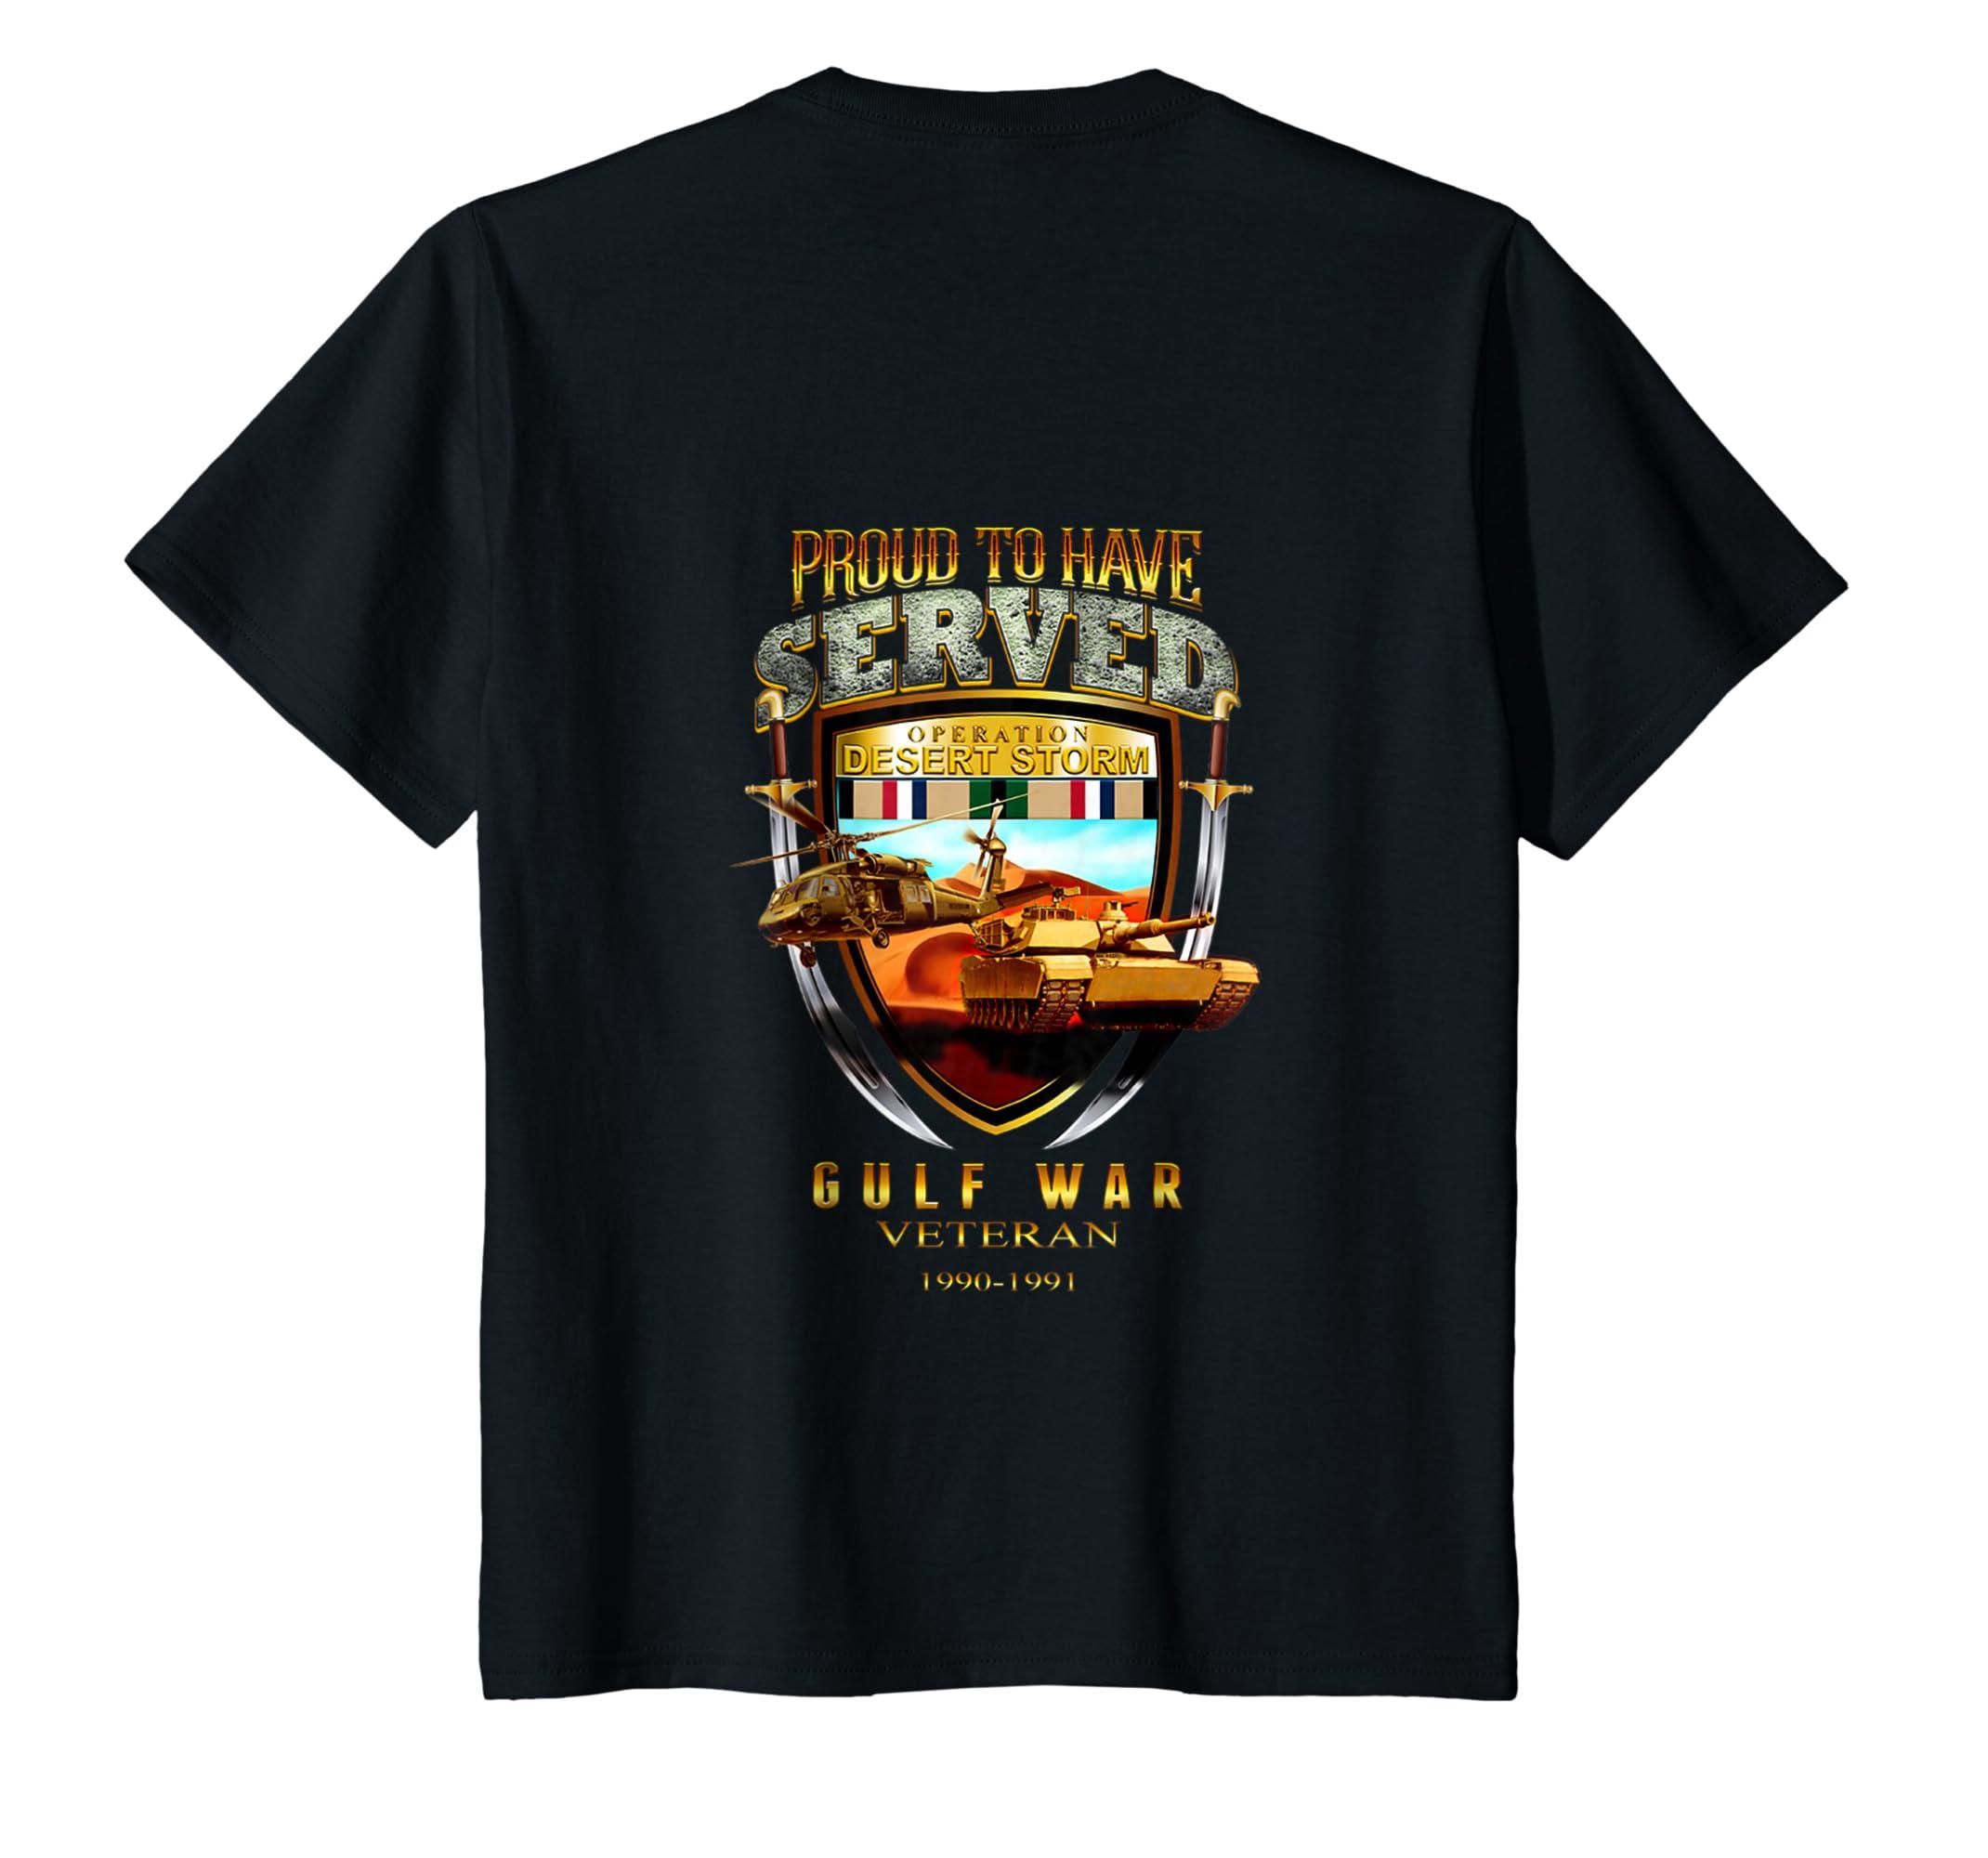 Desert Storm Gulf War Veteran 1990 1991 Tshirt